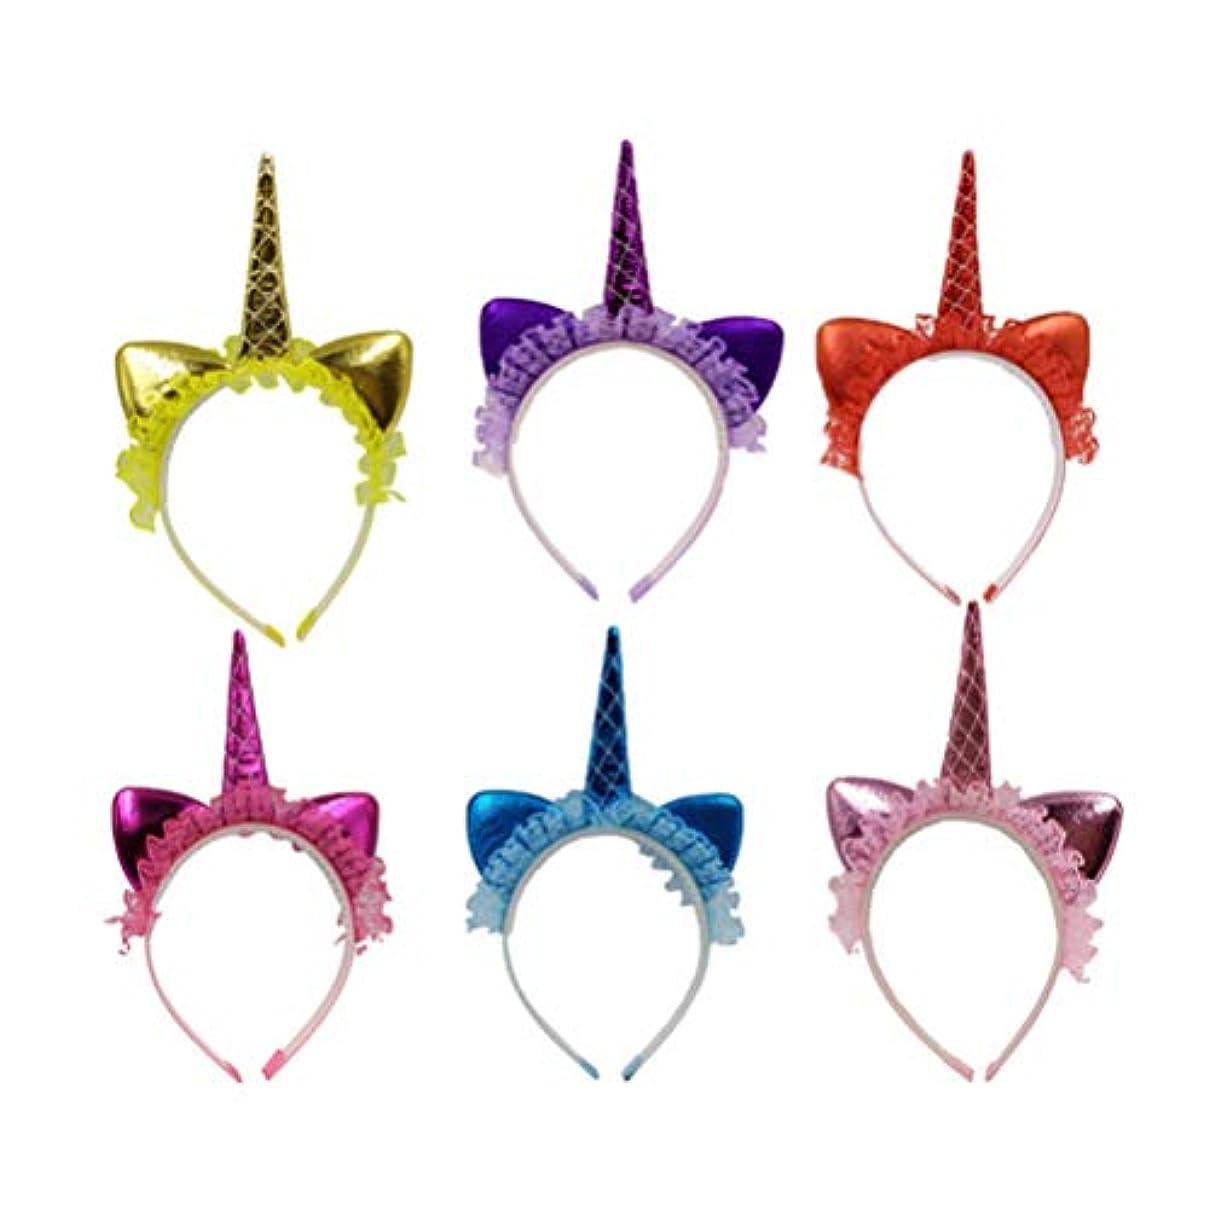 戦艦充実位置づけるNUOBESTY 6PCS女の子女性子供パフォーマンスのコスプレ衣装パーティーのためのユニコーンヘッドバンドのレースの花のホーンヘアフープヘッドピースの頭飾り